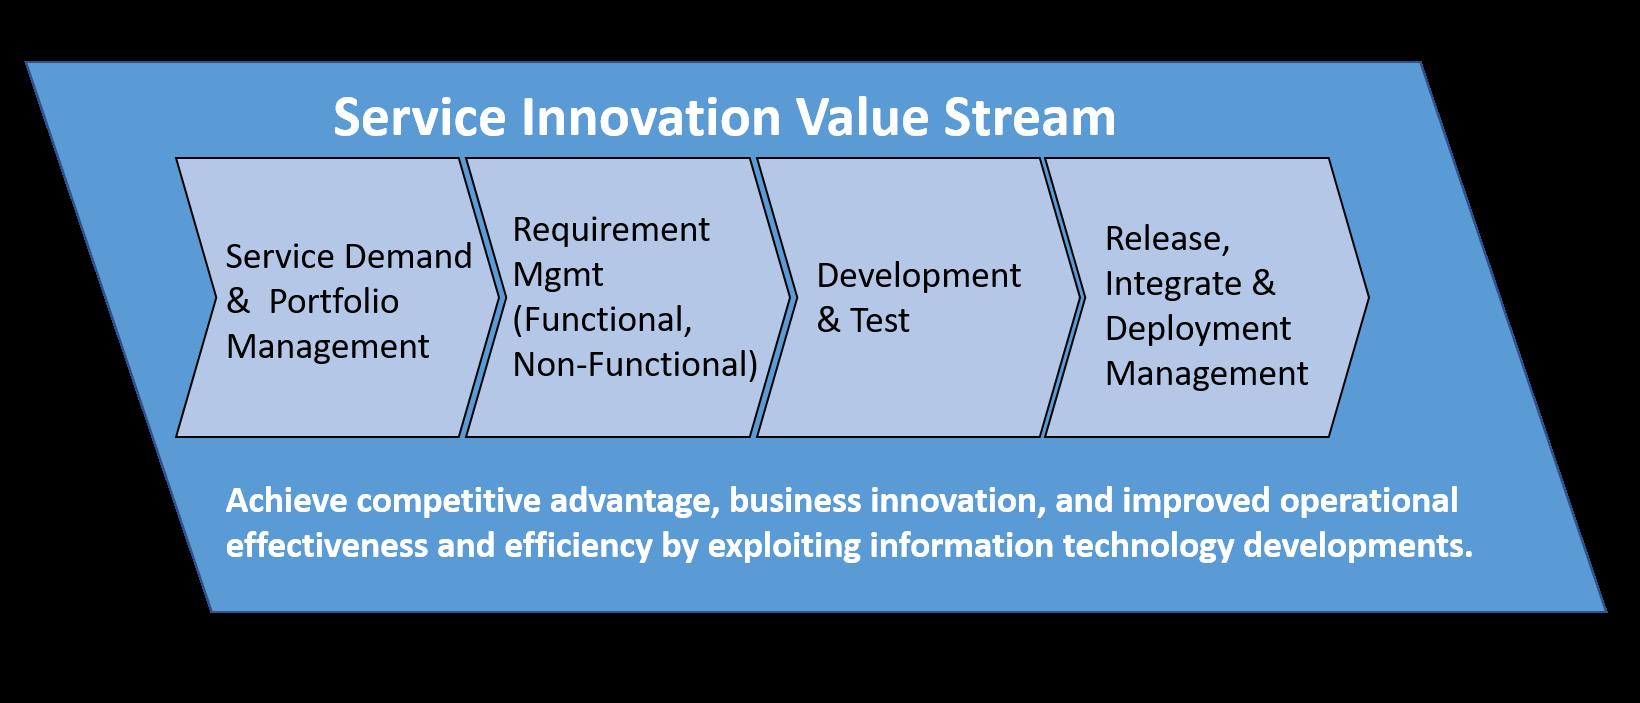 Technology Management Image: Agile Service Management Value Chain